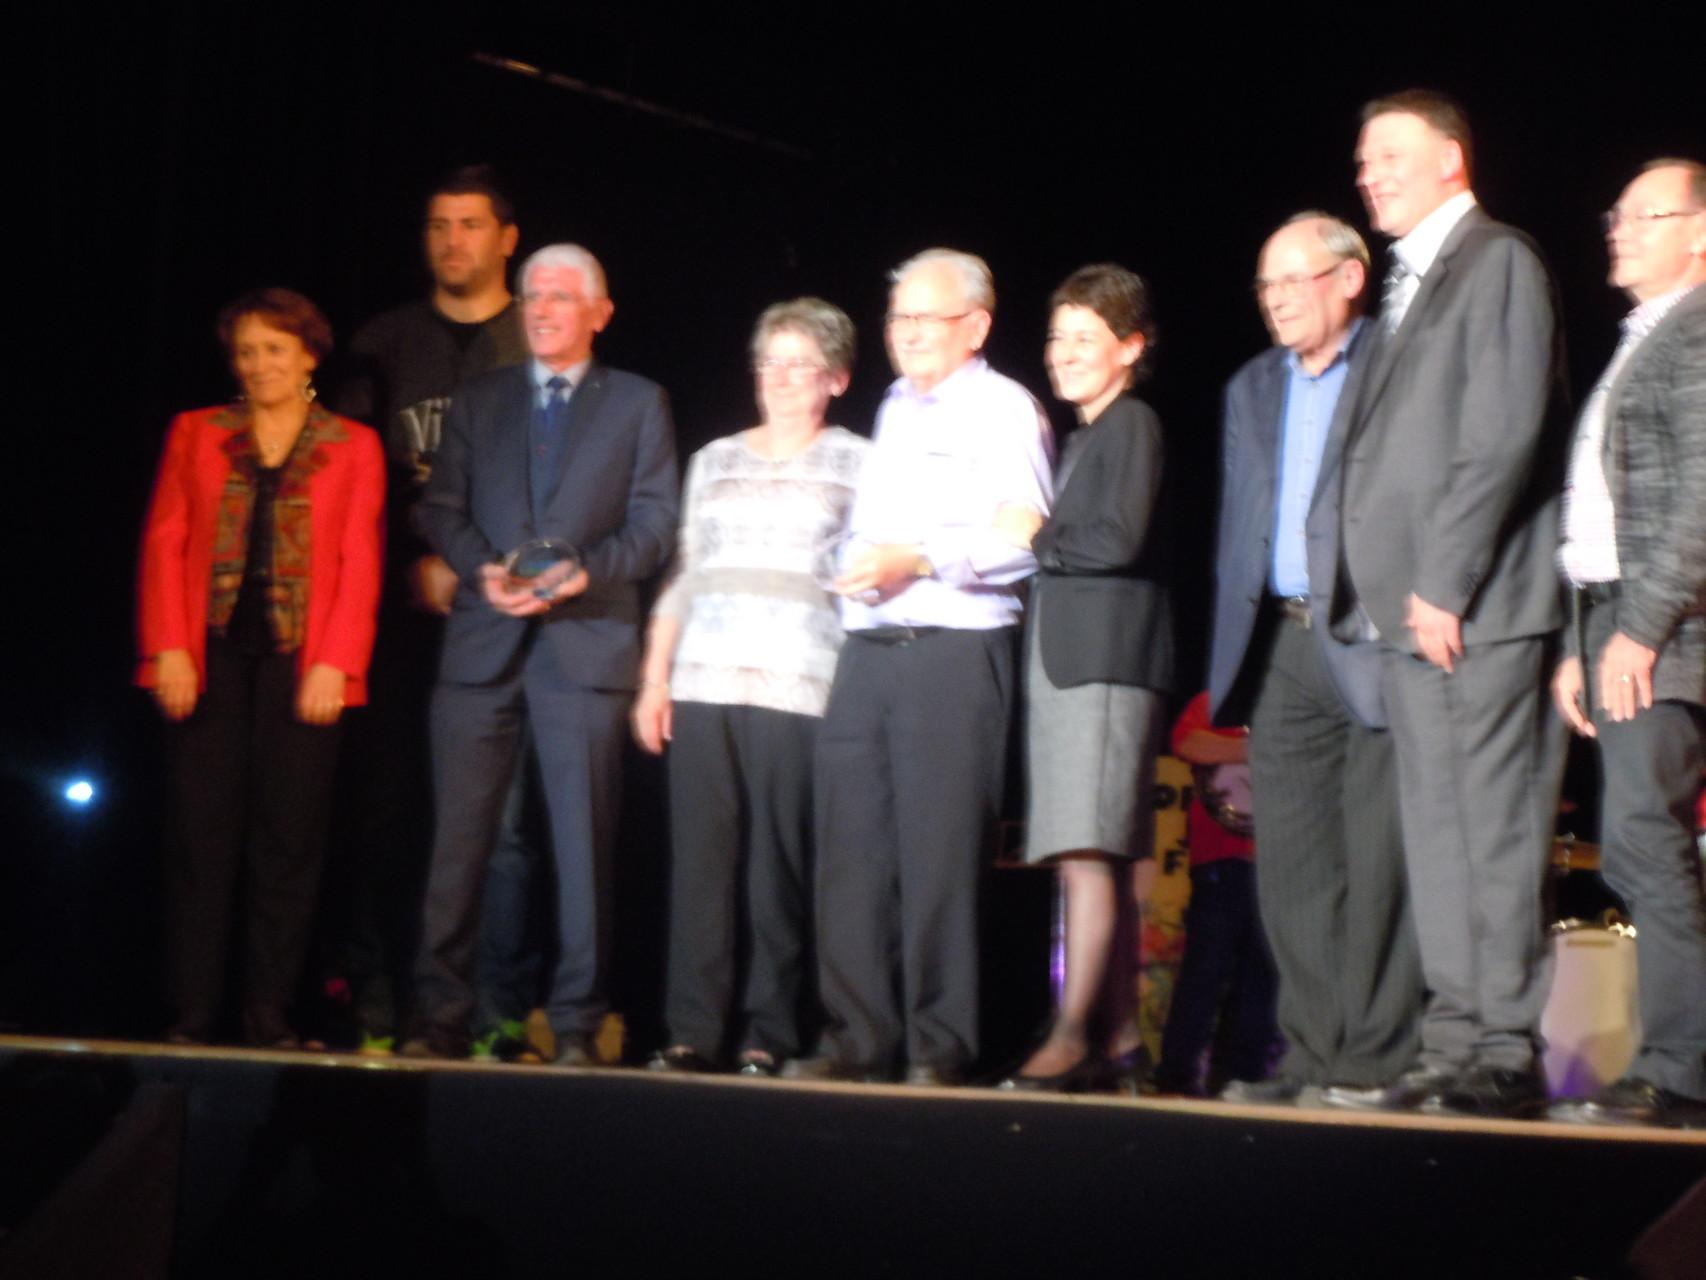 Récompense remise  à Réné Morel pour toutes ses activitées bénévoles